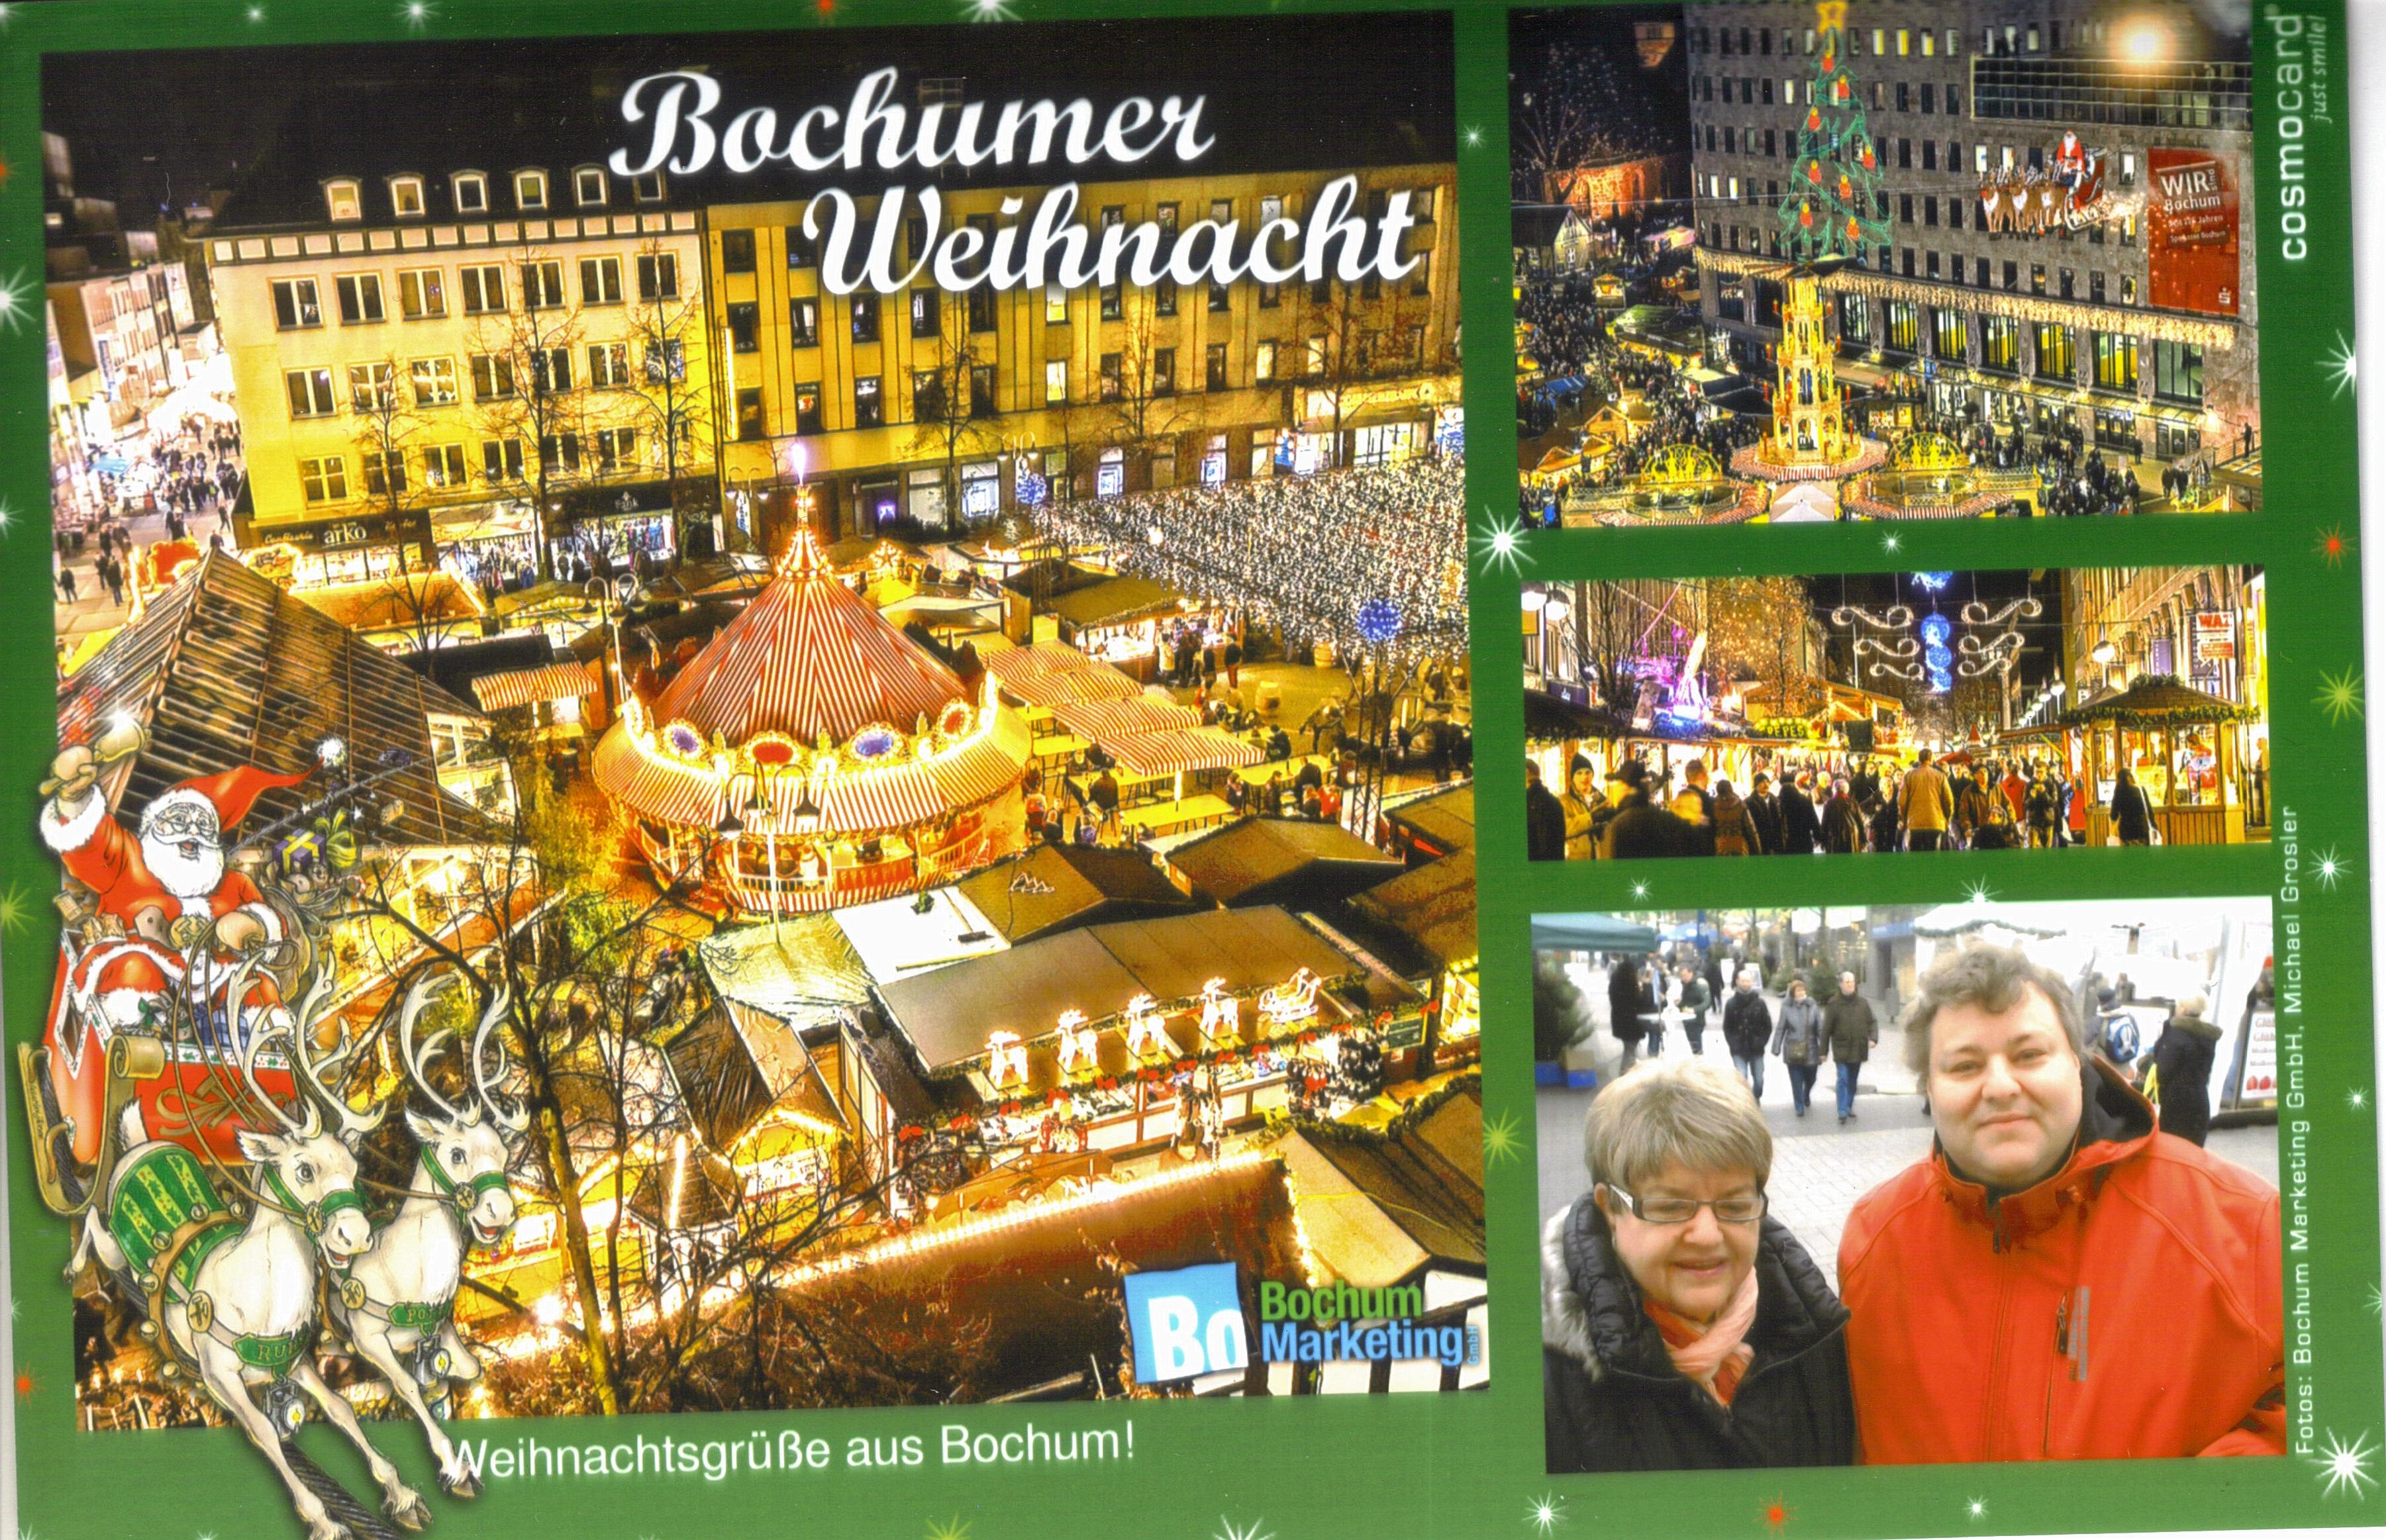 Bochumer weihnacht - Personalisierte weihnachtskarten ...